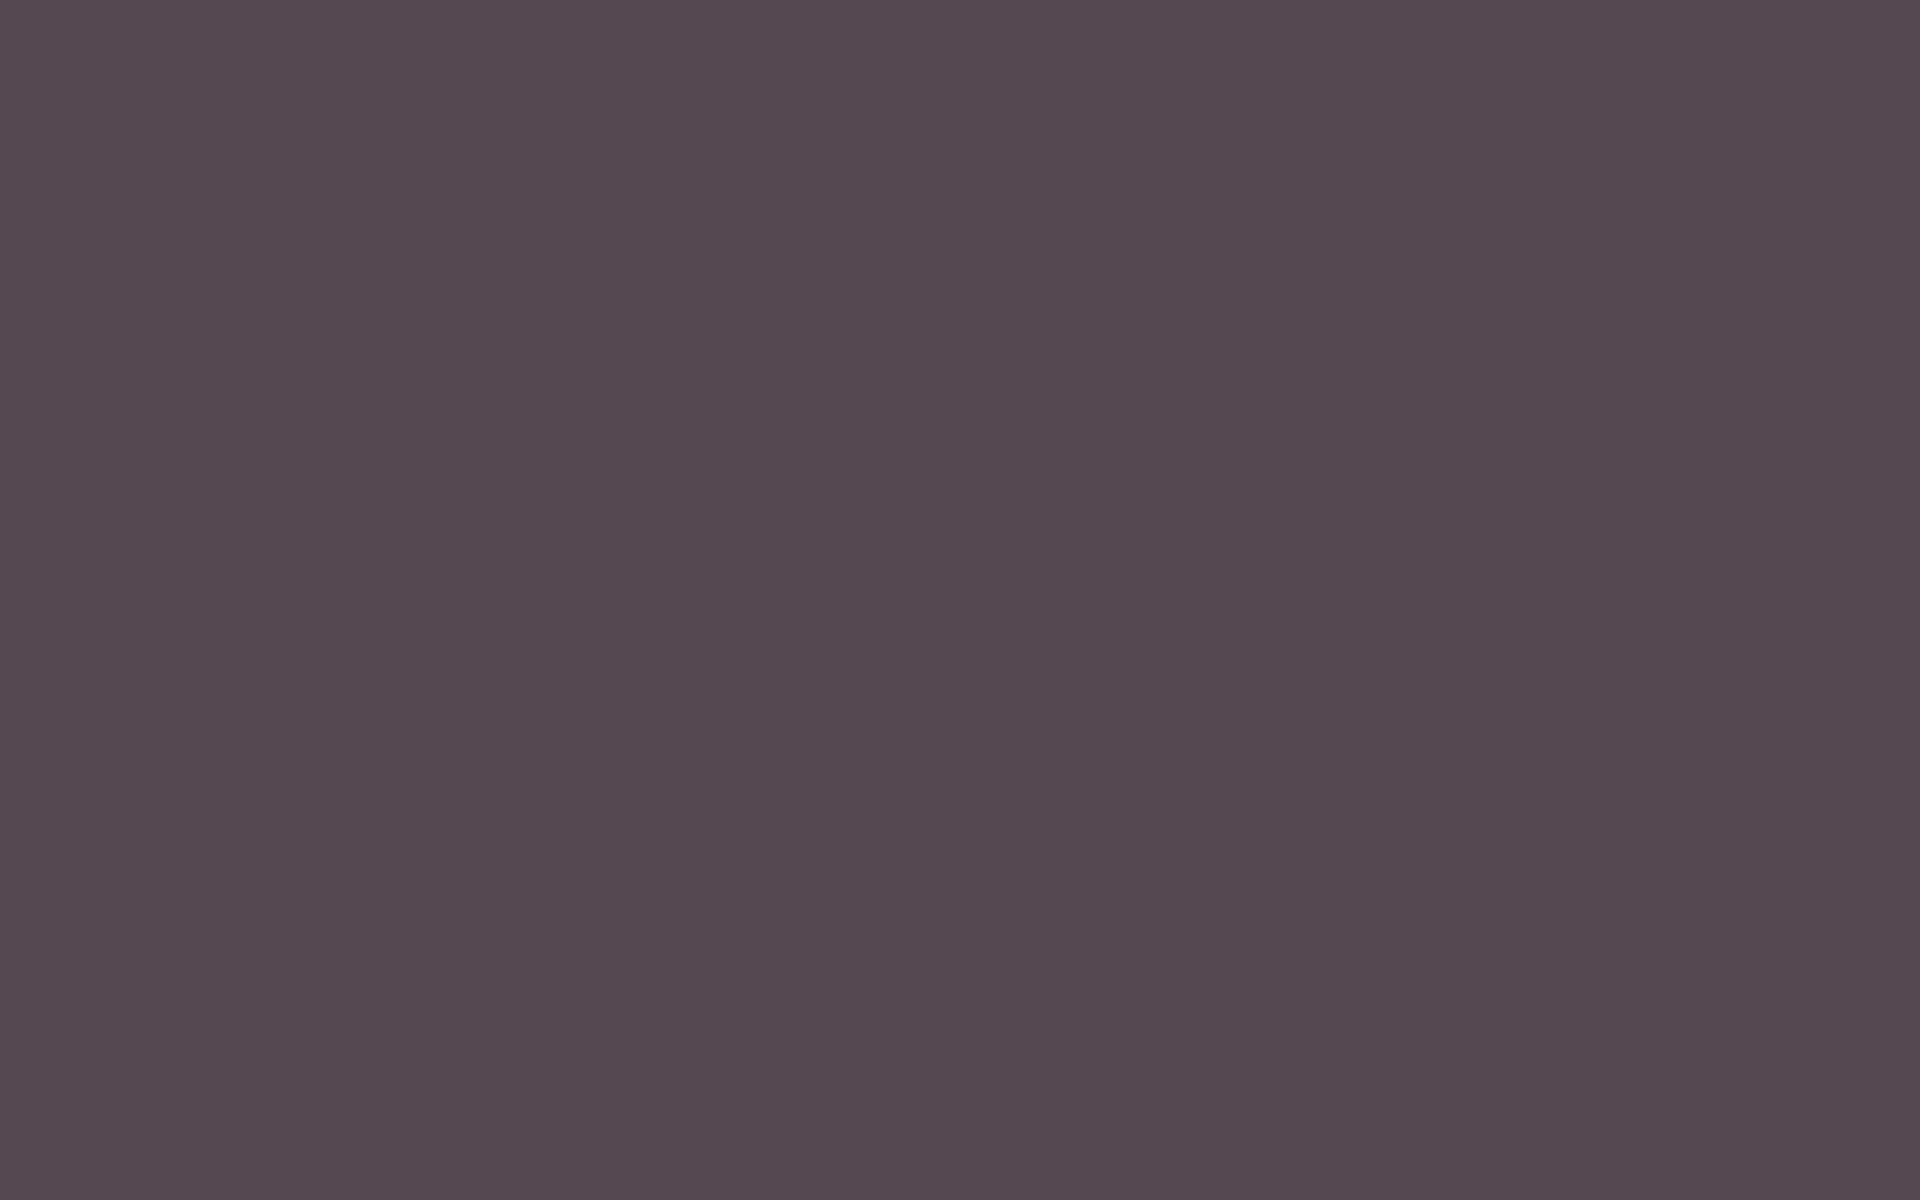 1920x1200 Dark Liver Solid Color Background